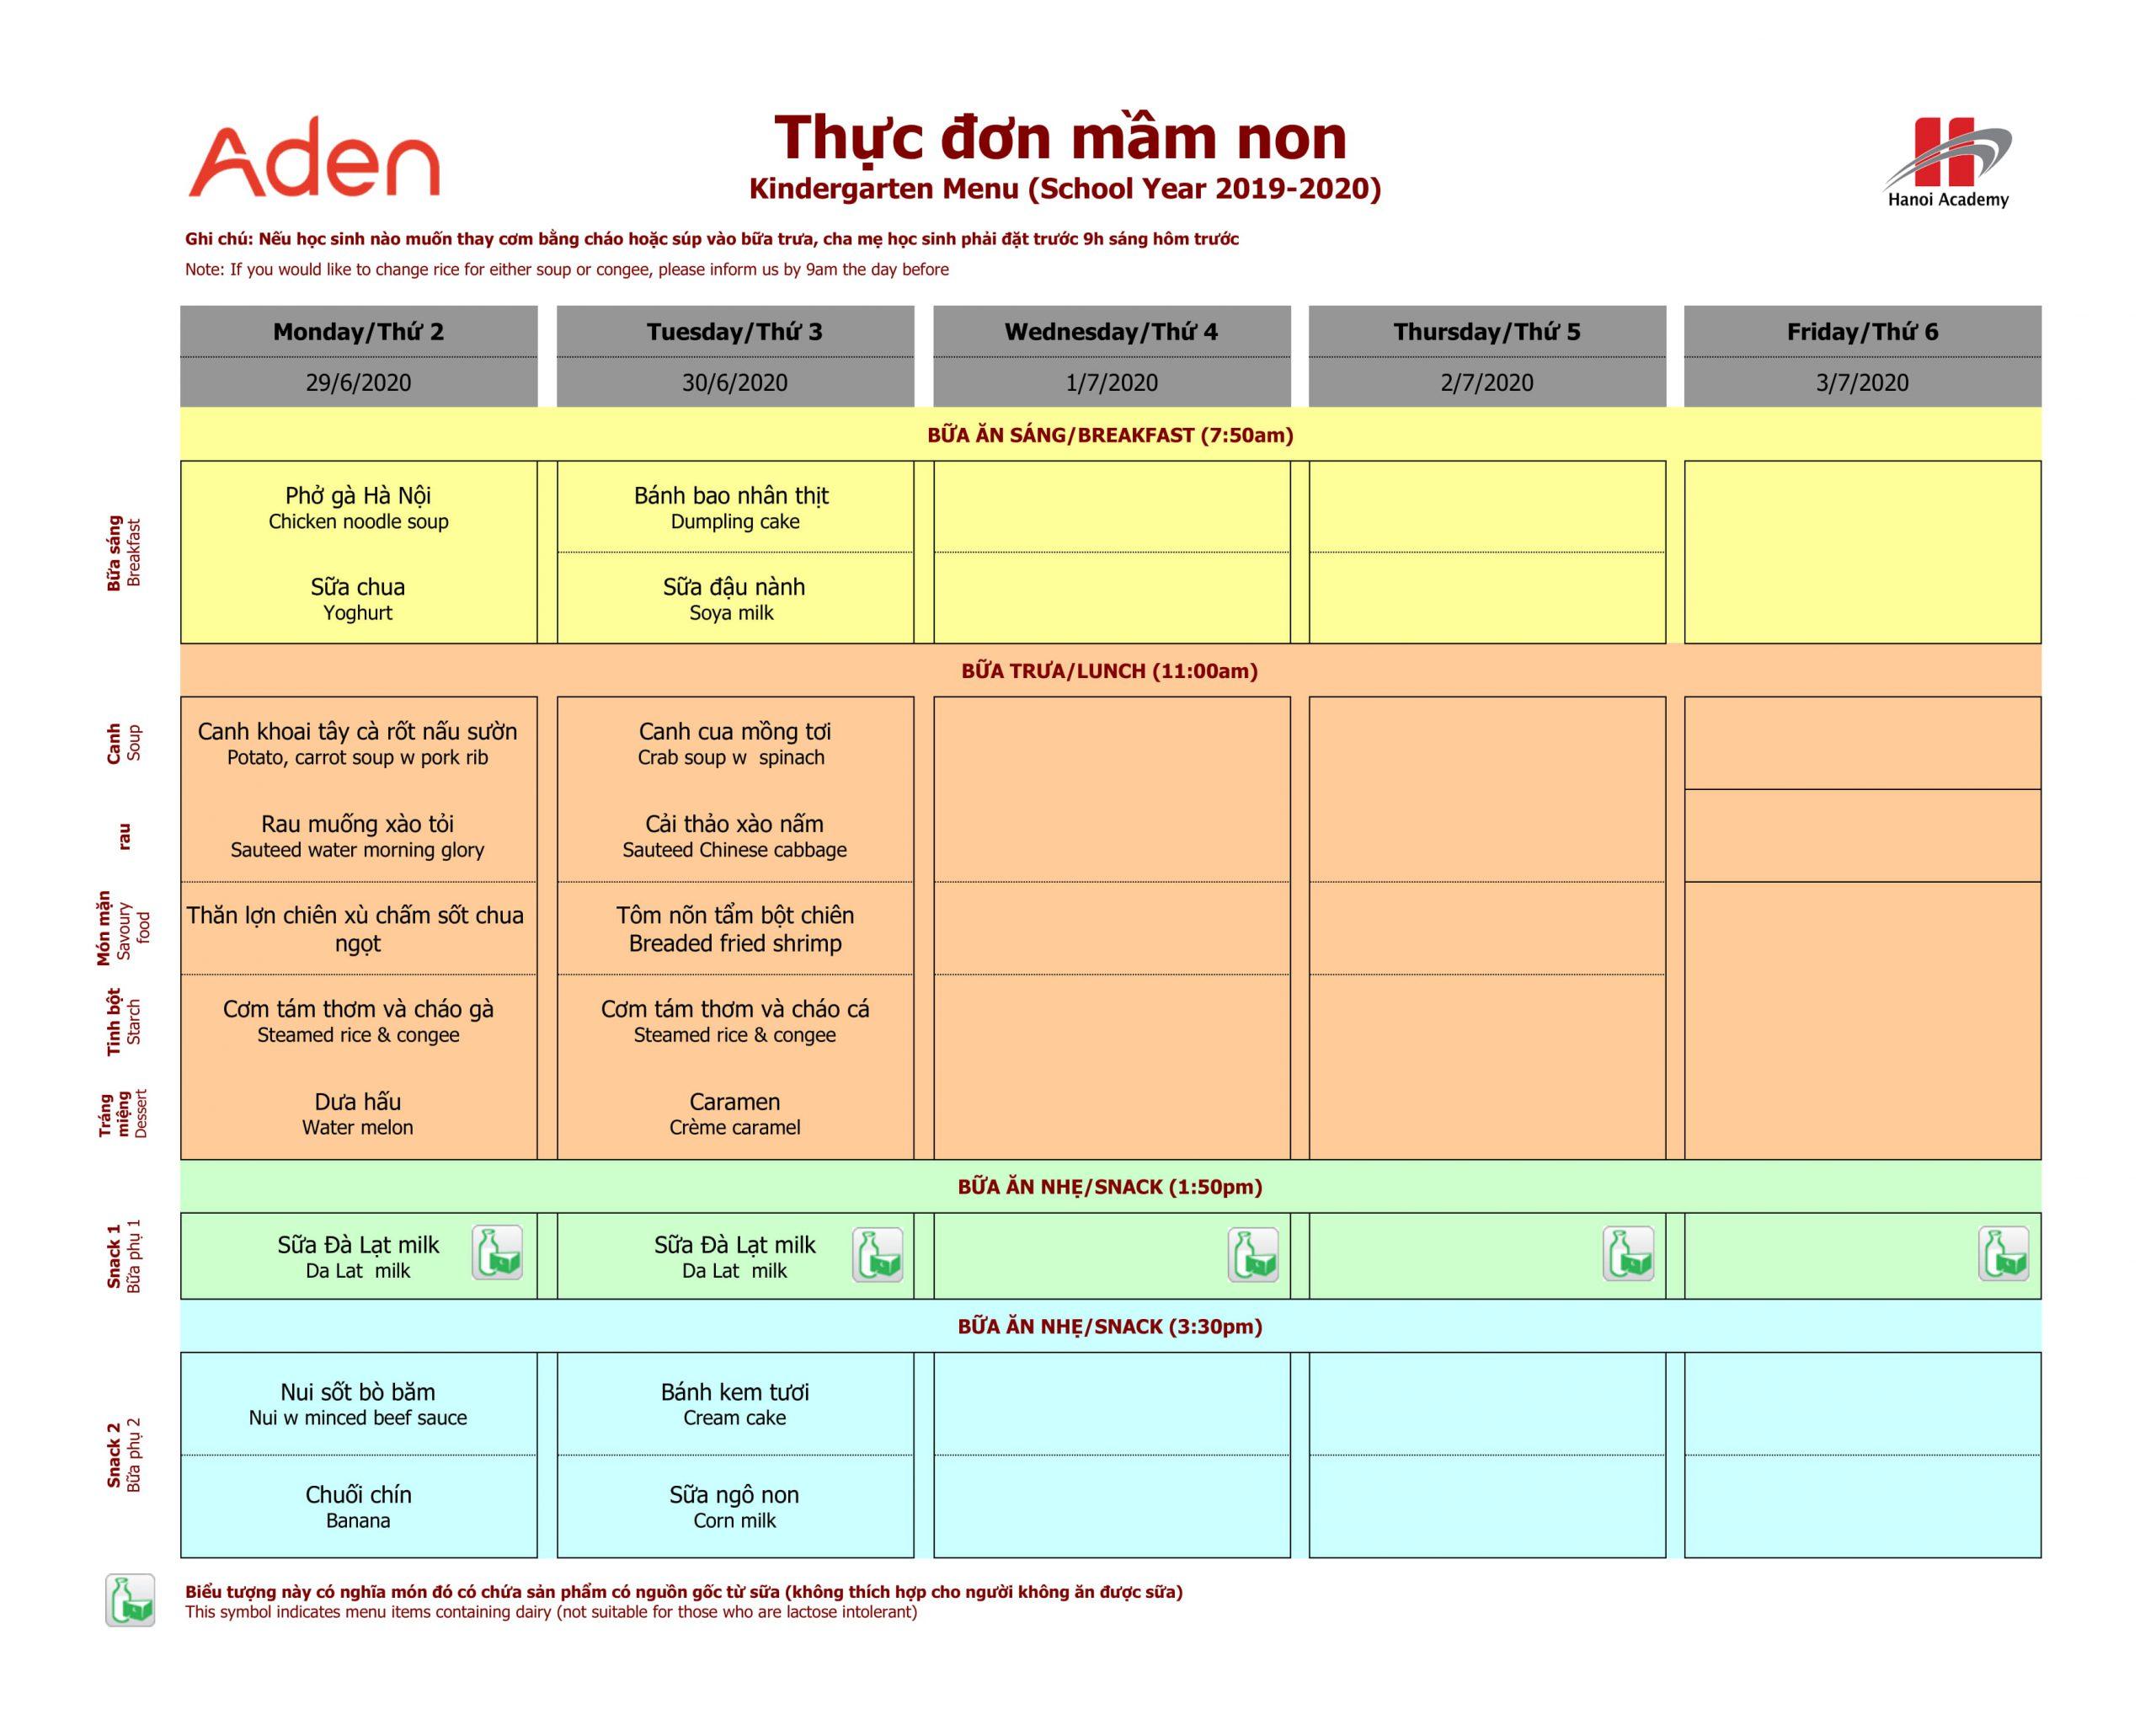 thực đơn mầm non  Thực đơn tuần 31 (29/06 – 30/06) của trường Hanoi Academy